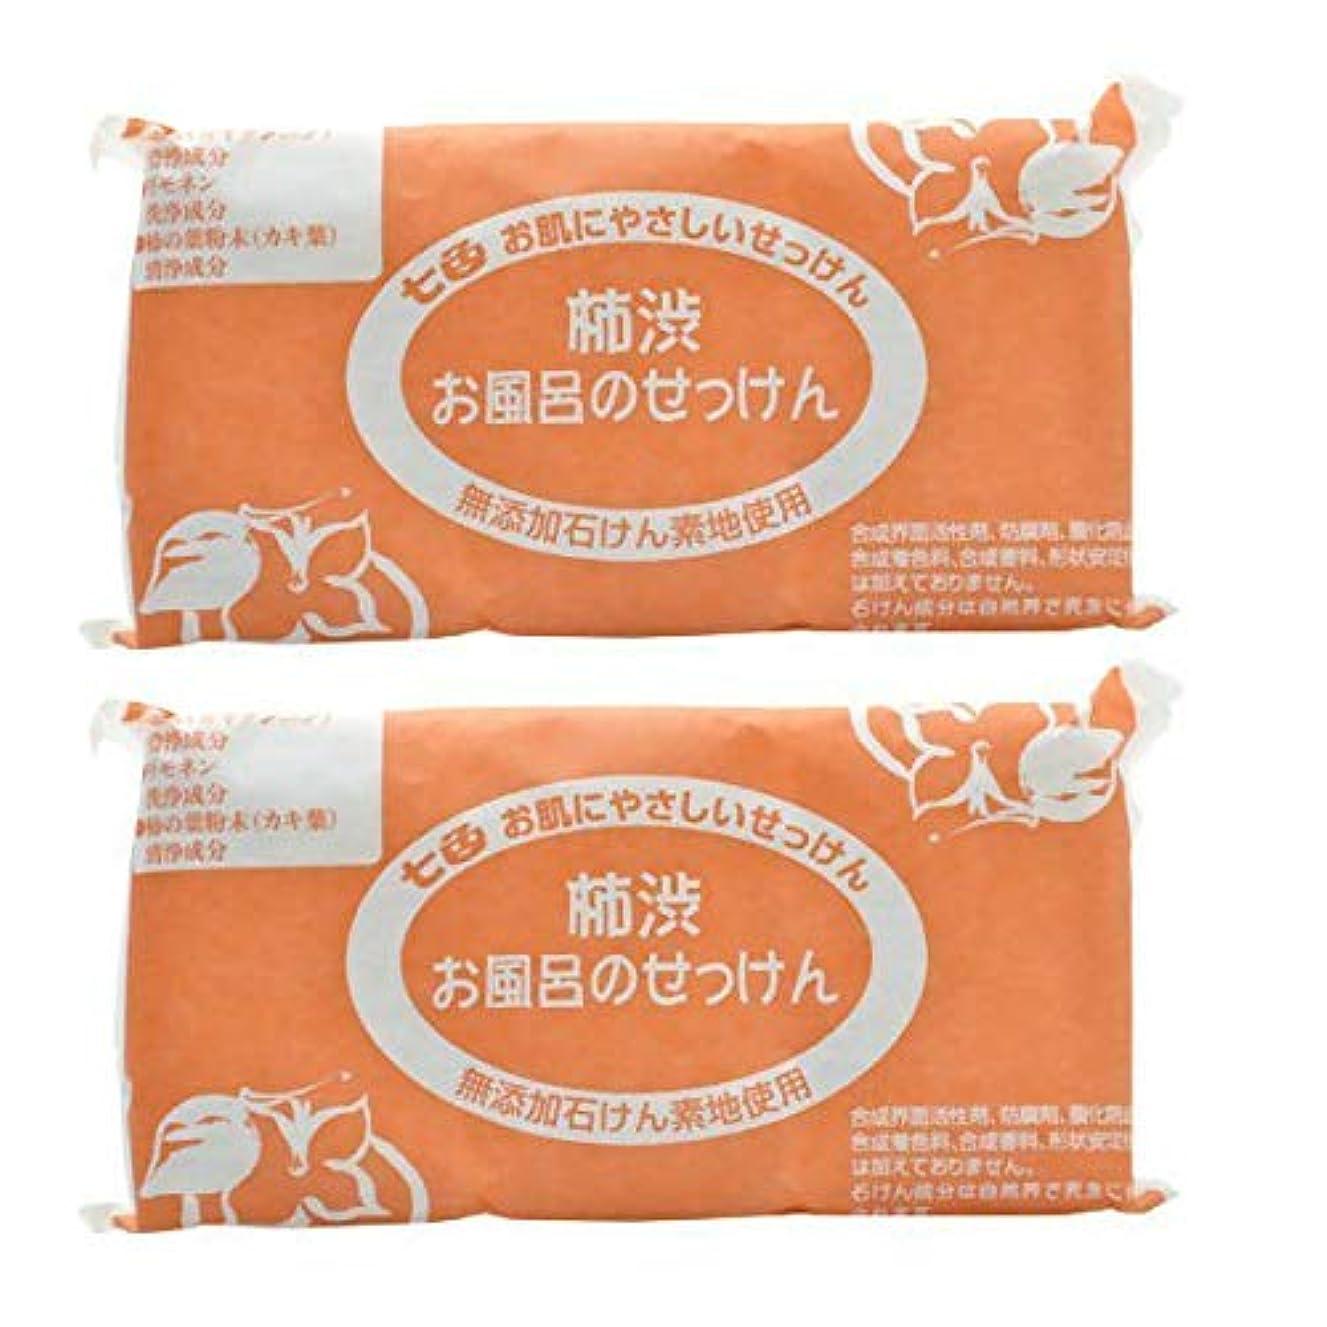 カセットシガレット踏み台七色 お風呂のせっけん 柿渋(無添加石鹸) 100g×3個入×2セット